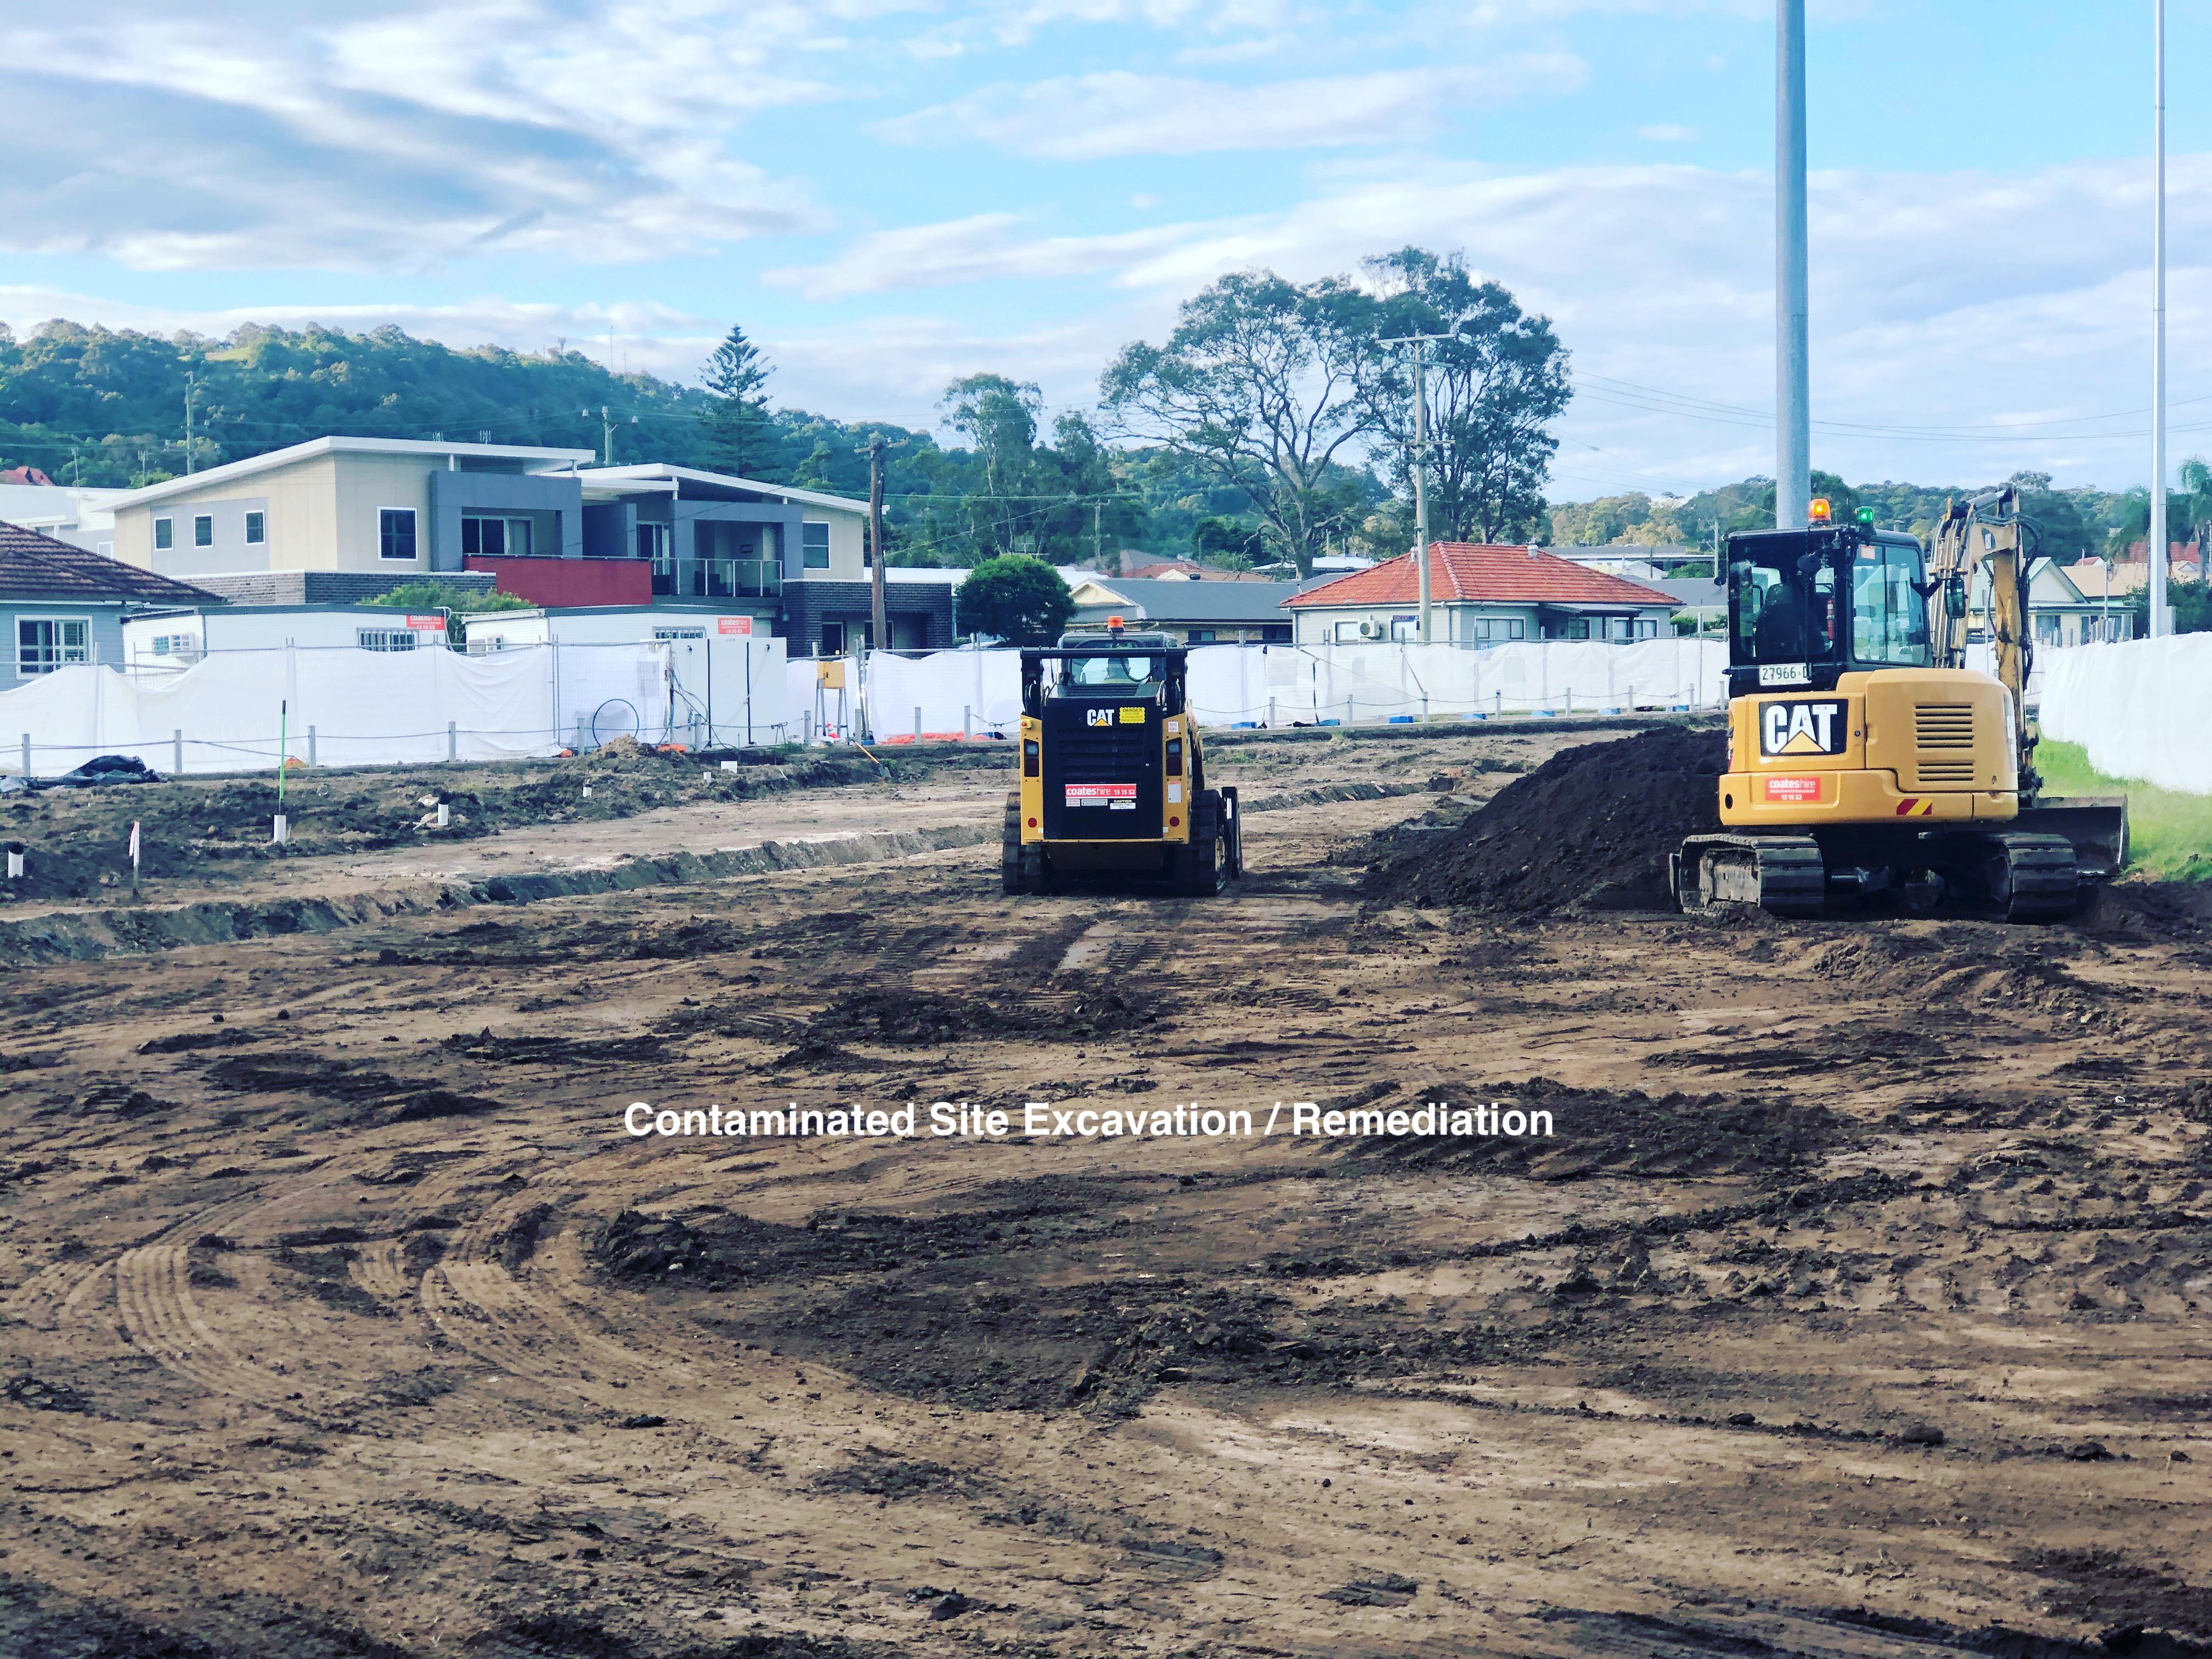 Contaminated Site Excavation